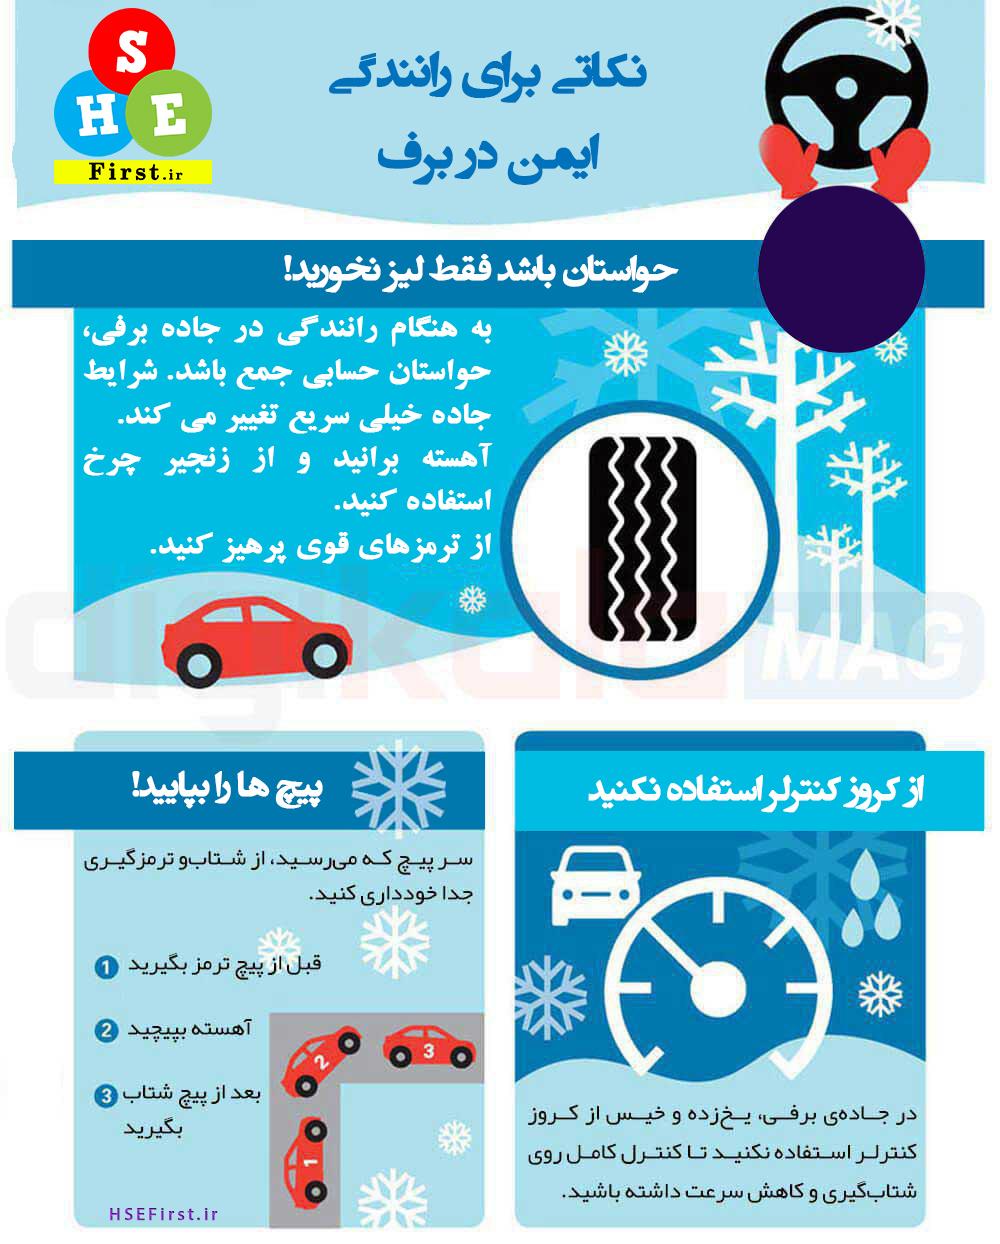 اینفوگرافی نکات ایمنی رانندگی در برف و یخبندان